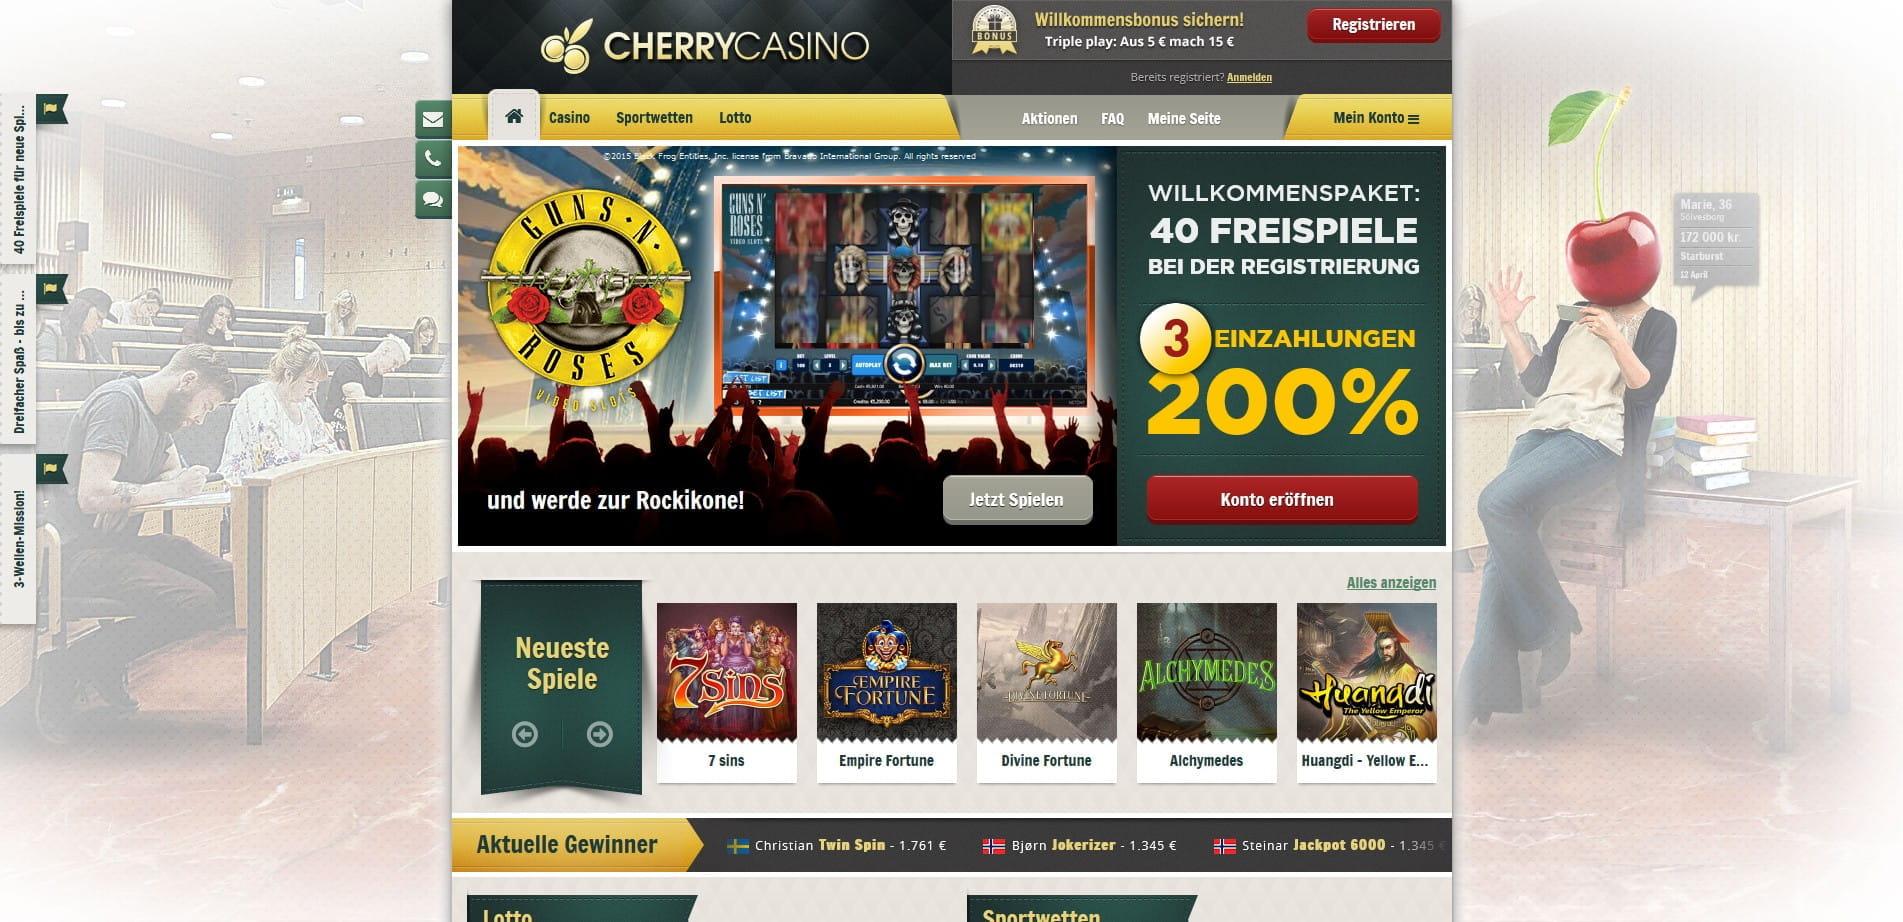 tipico casino einzahlung paypal